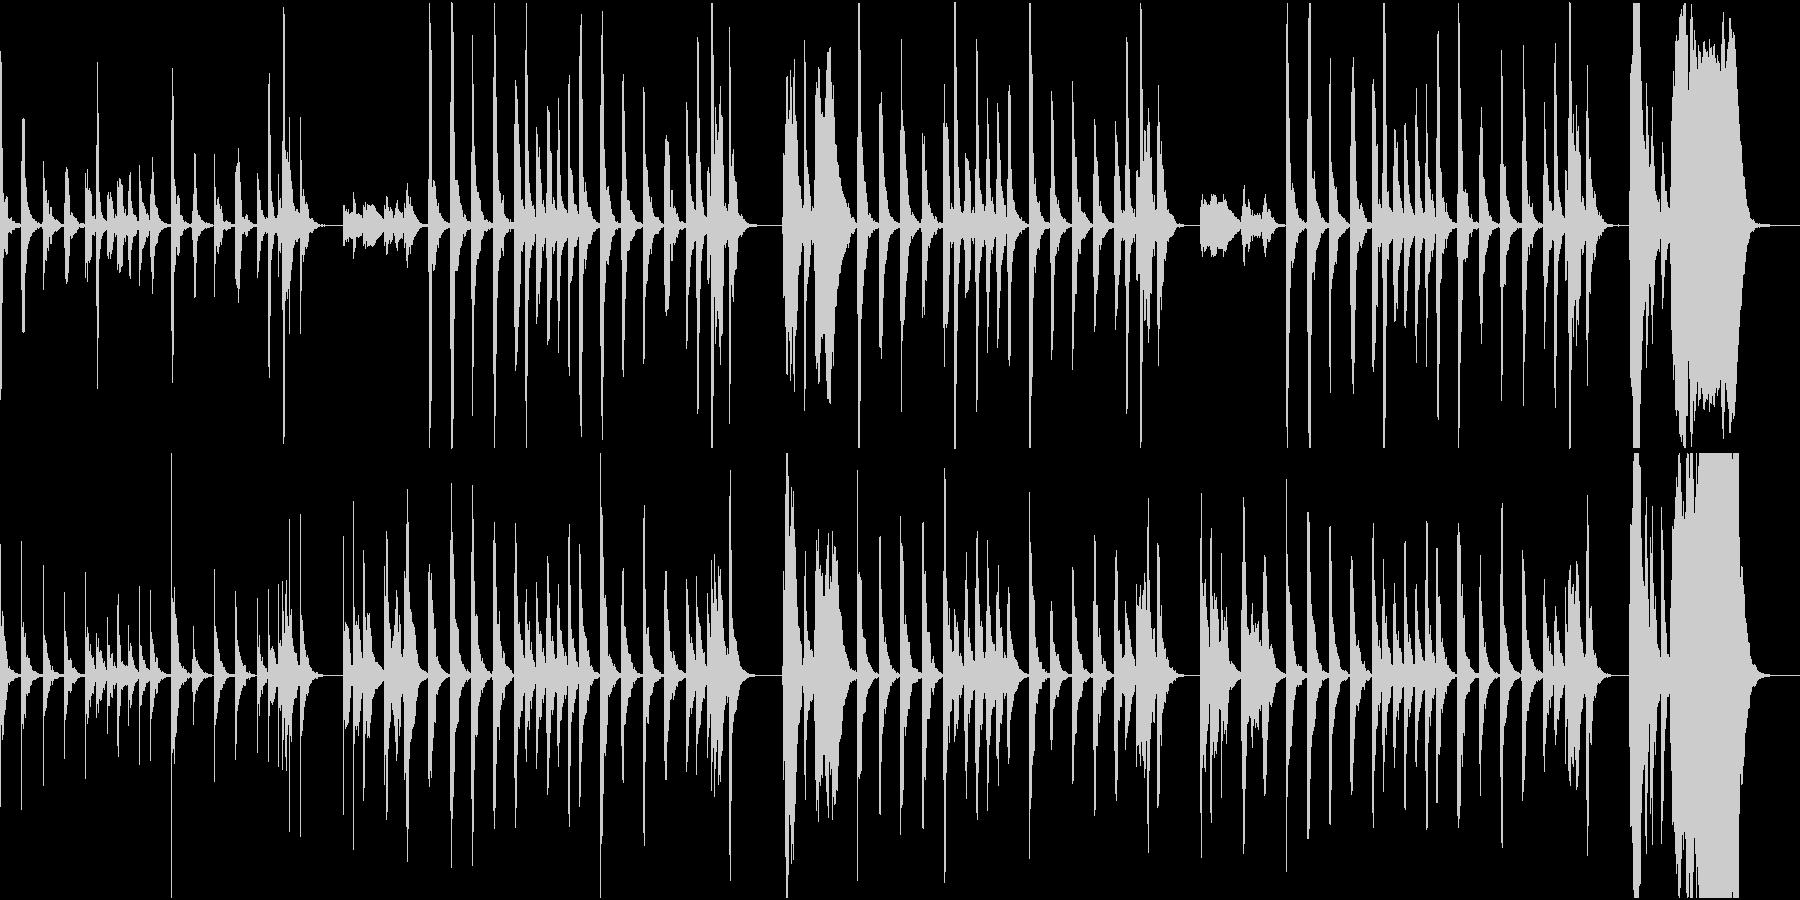 木管楽器のコミカル曲の未再生の波形